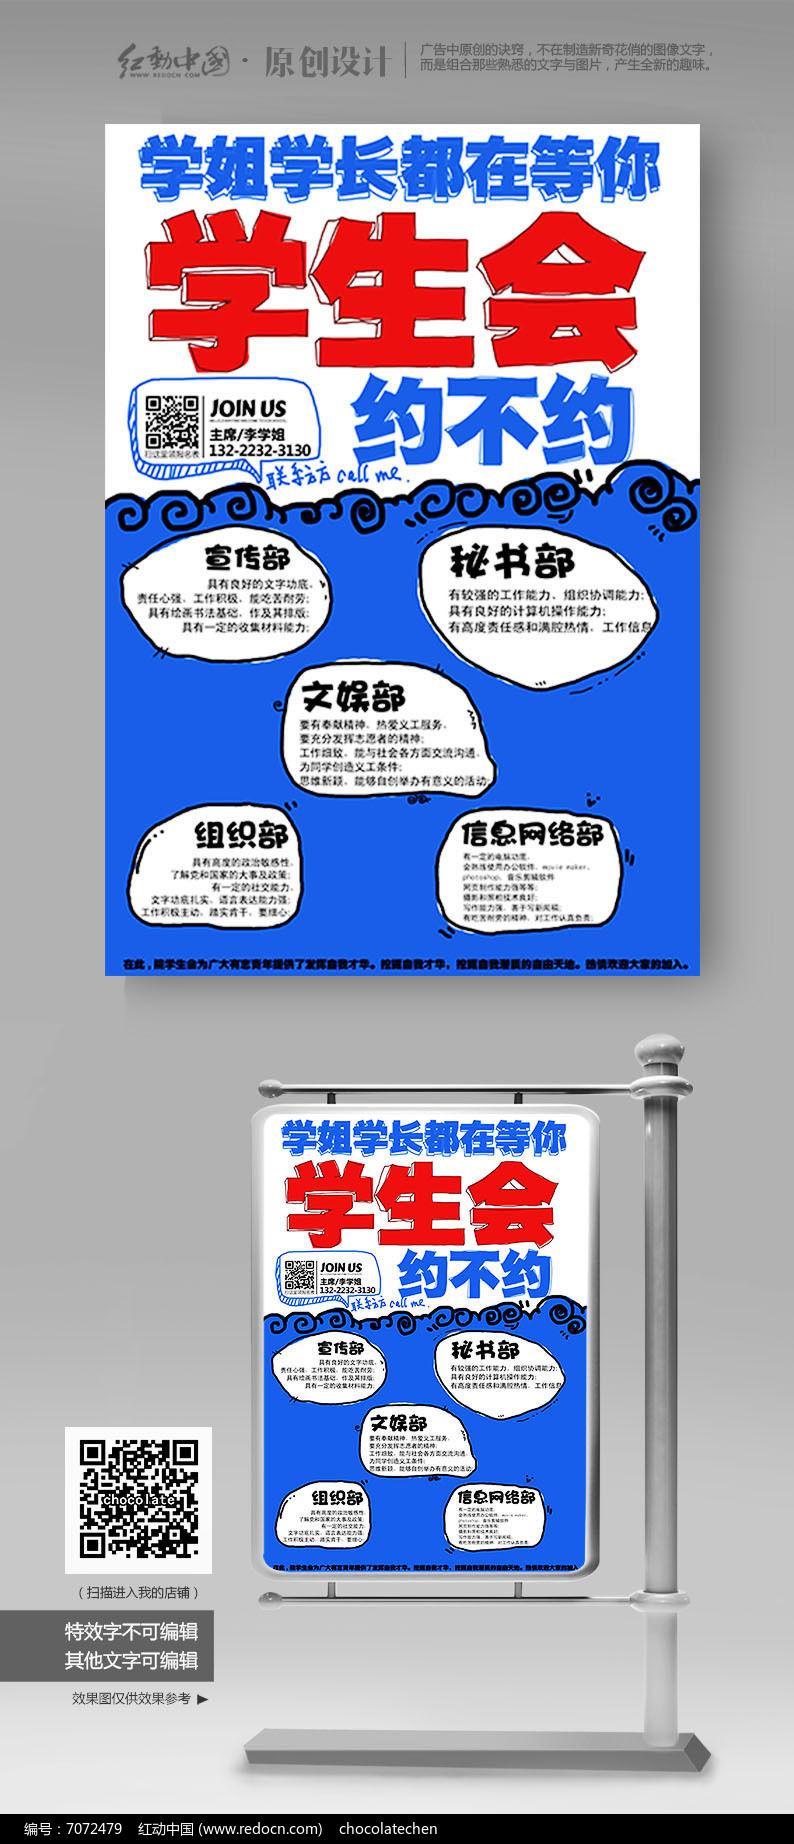 手绘学生会招新宣传海报图片